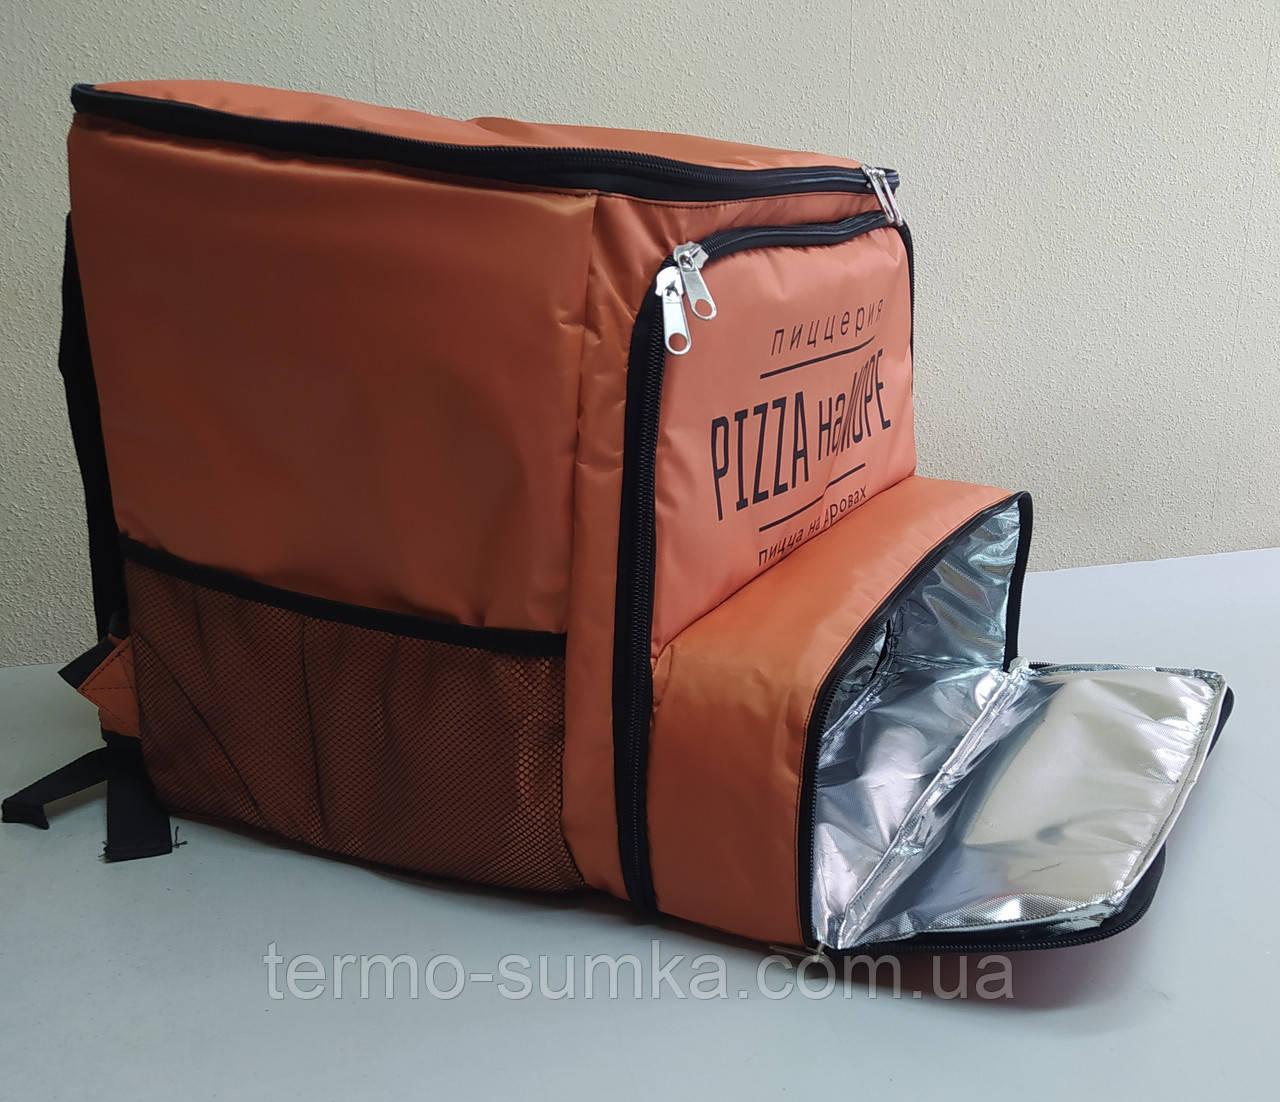 Рюкзак, термосумка для доставки еды с отделением для коробок на пиццу 42*42 вертикально-горизонтальной загр